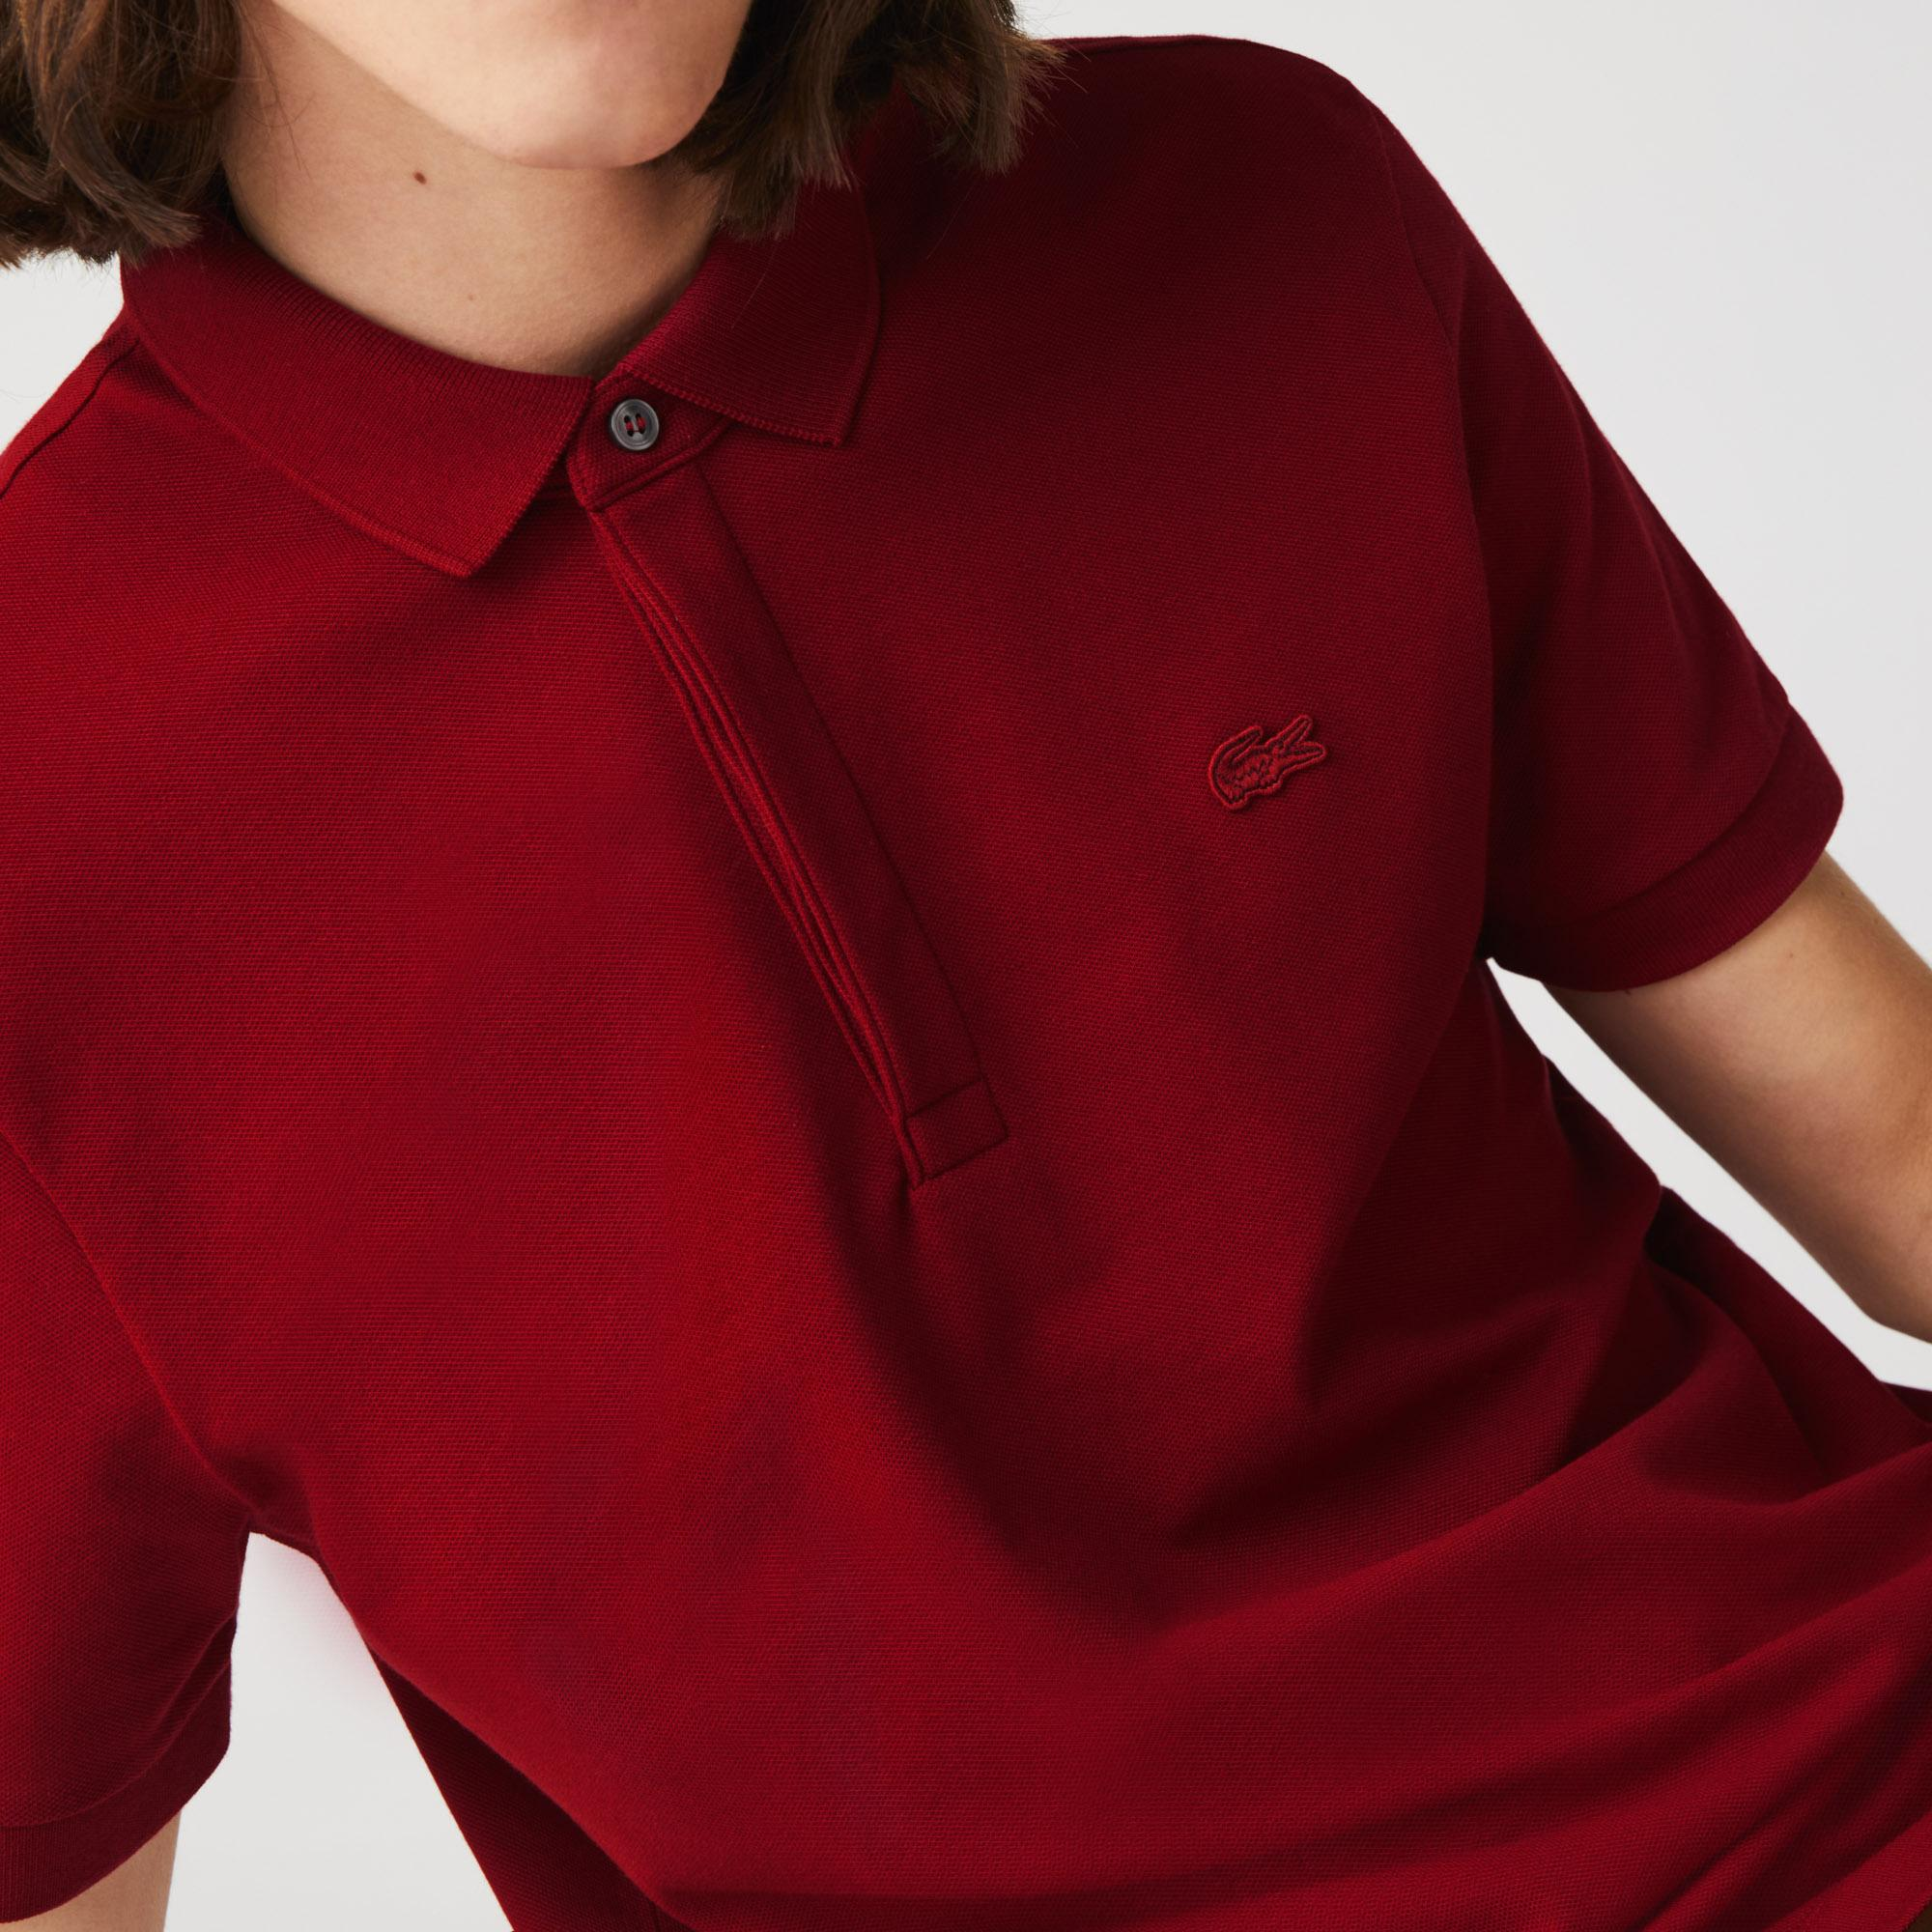 Lacoste Męska elastyczna koszulka polo Regular Fit w stylu paryskim z piki bawełnianej